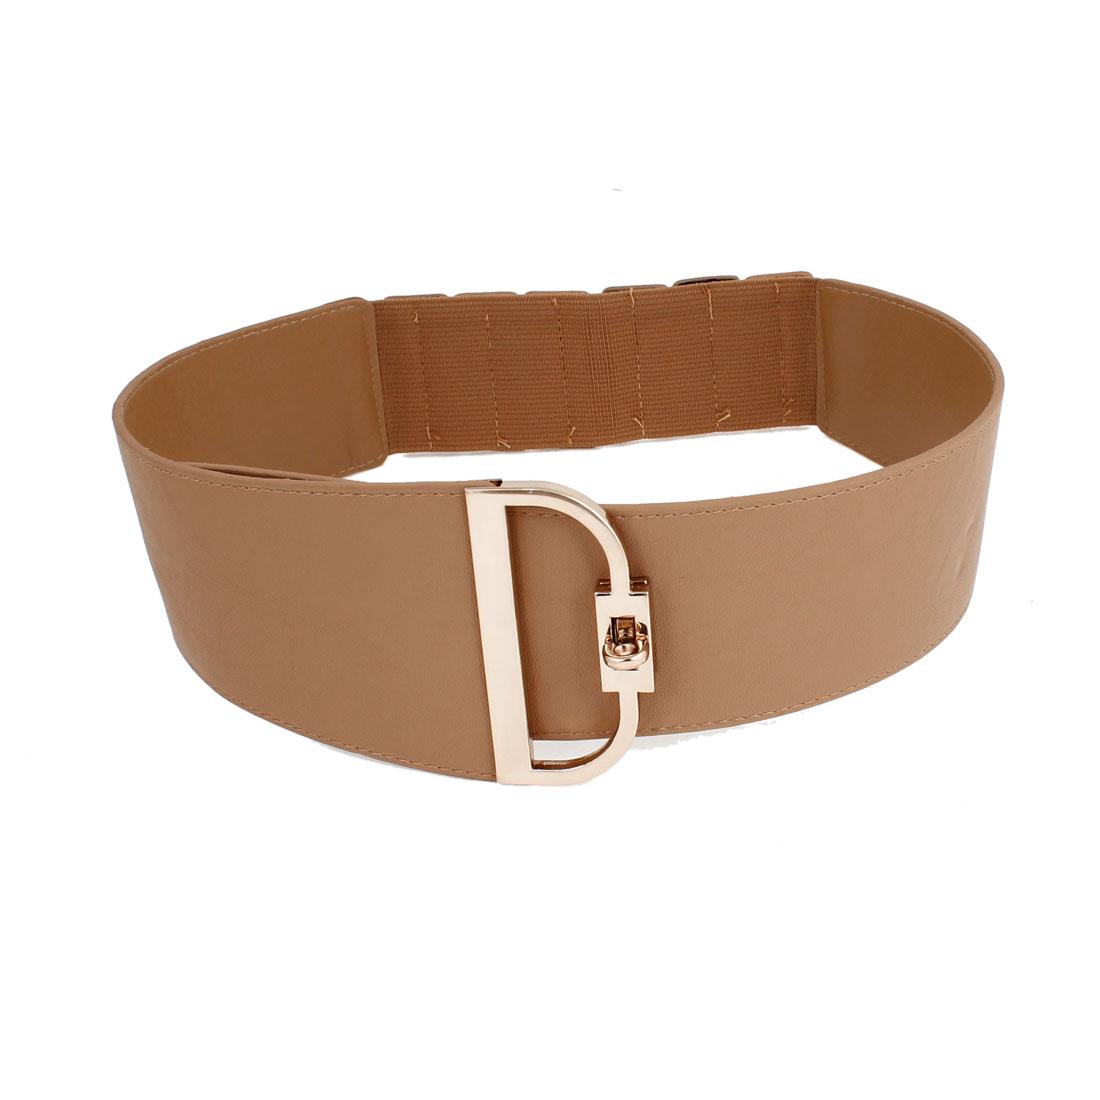 Metal Turn Locking Buckle Brown Faux Leather Waist Cinch Belt fot Ladies